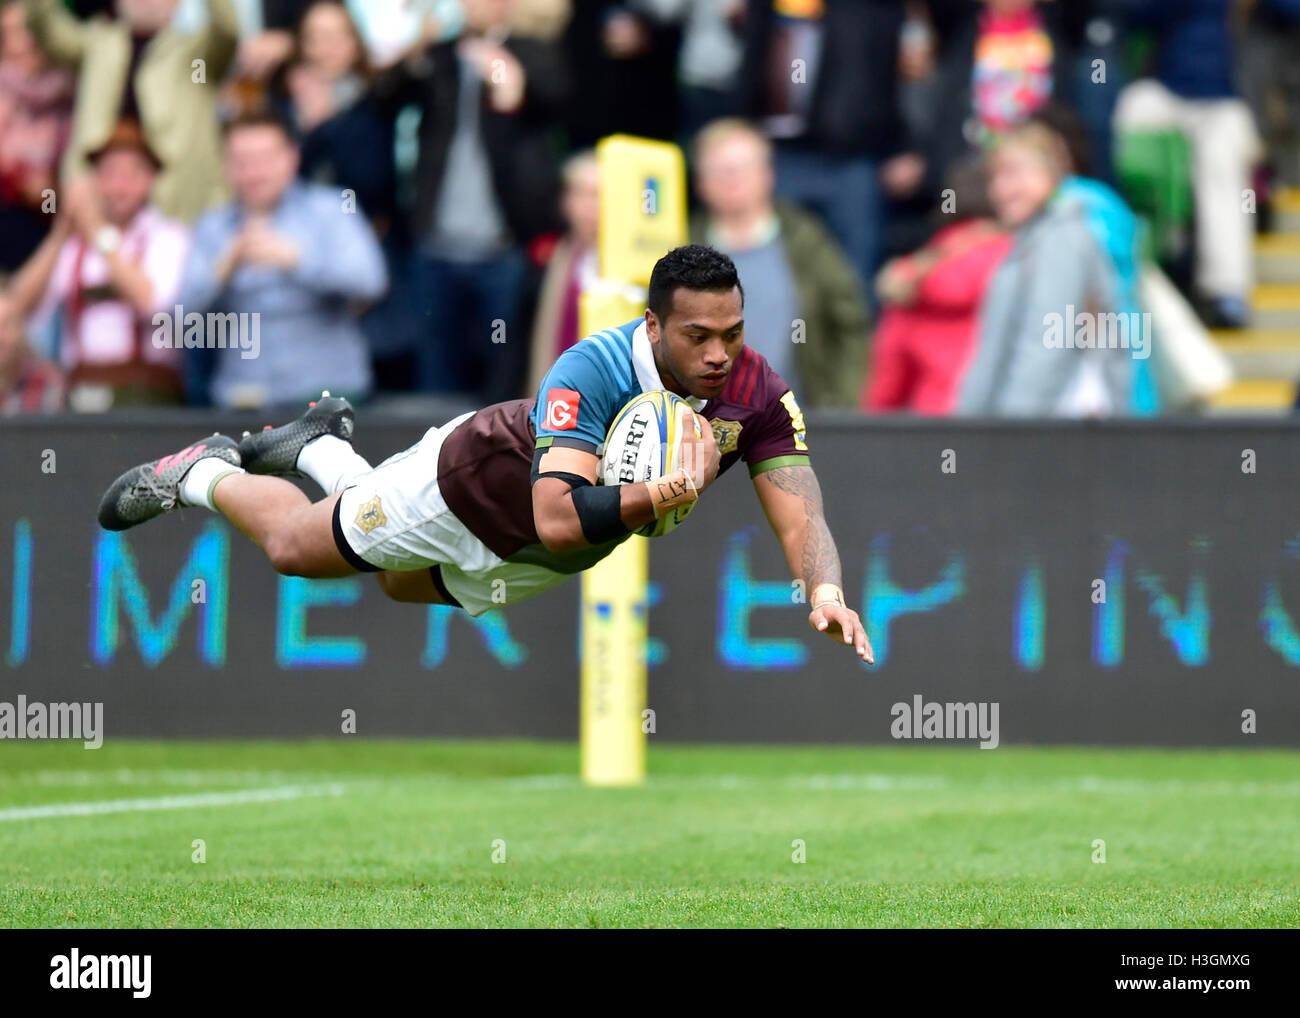 Londres, Reino Unido. 8 de Outubro, 2016. Alofa Alofa do Harlequins marcou um tente durante Aviva Premiership Rugby Imagens de Stock